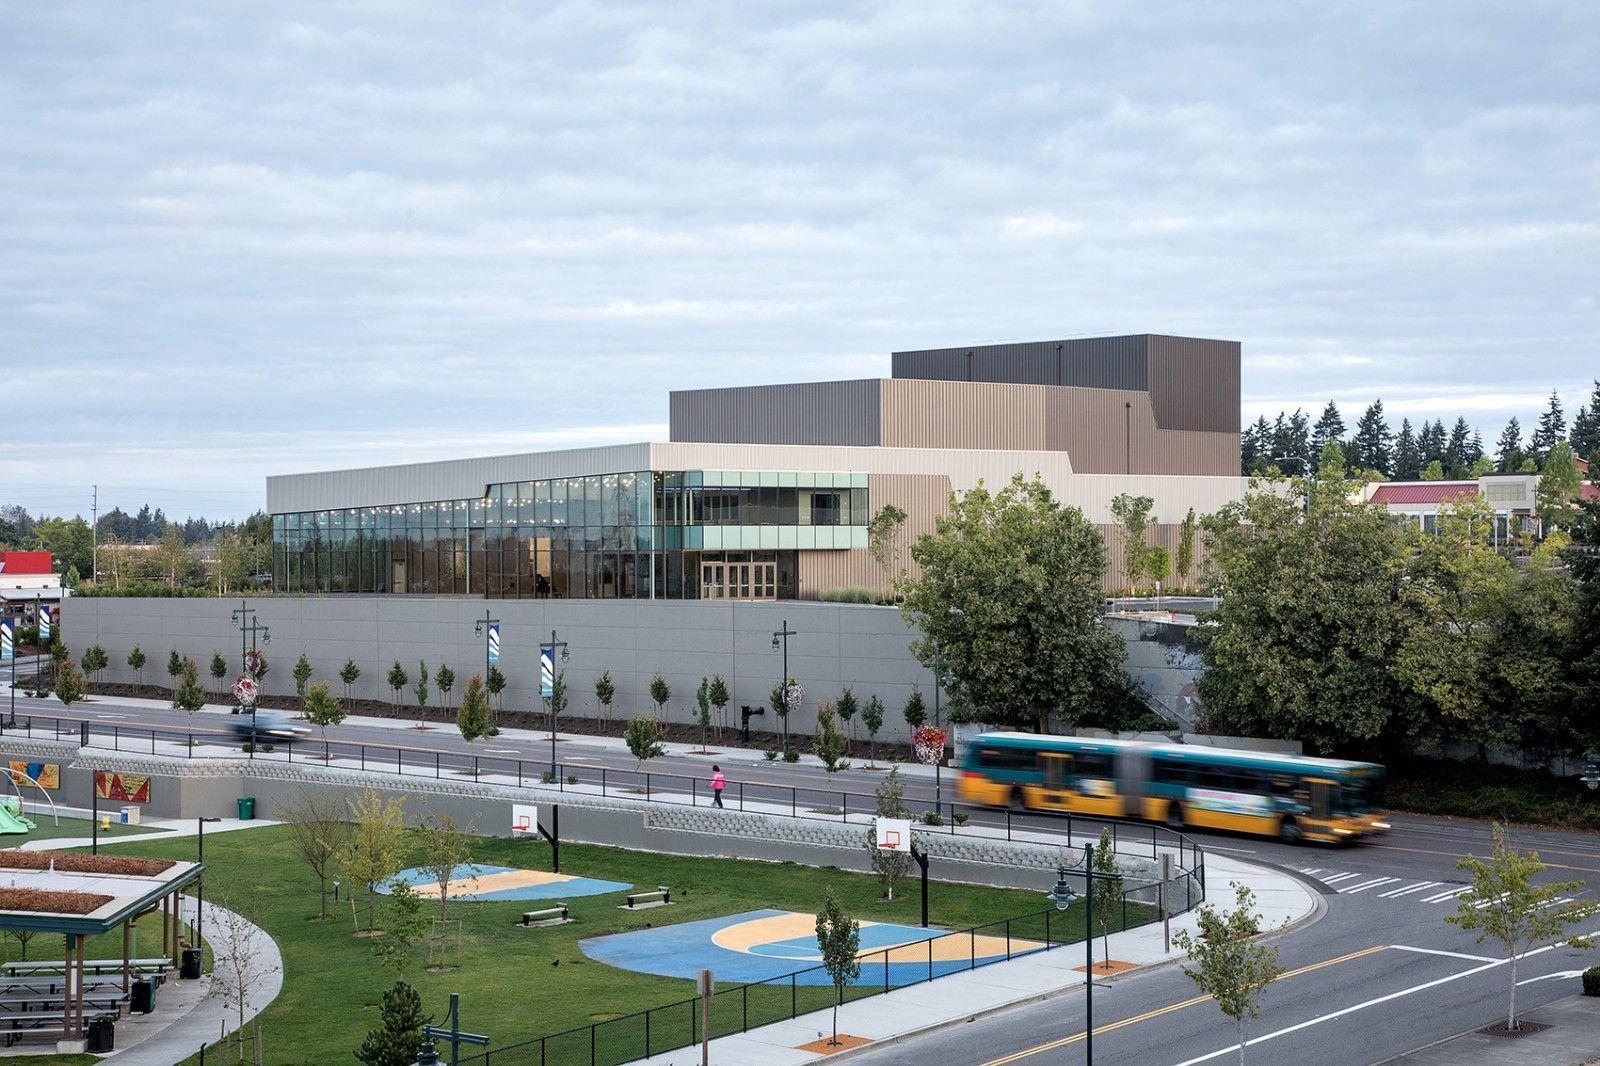 创造社区的新焦点·美国Federal Way表演艺术与活动中心 | LMN Architects